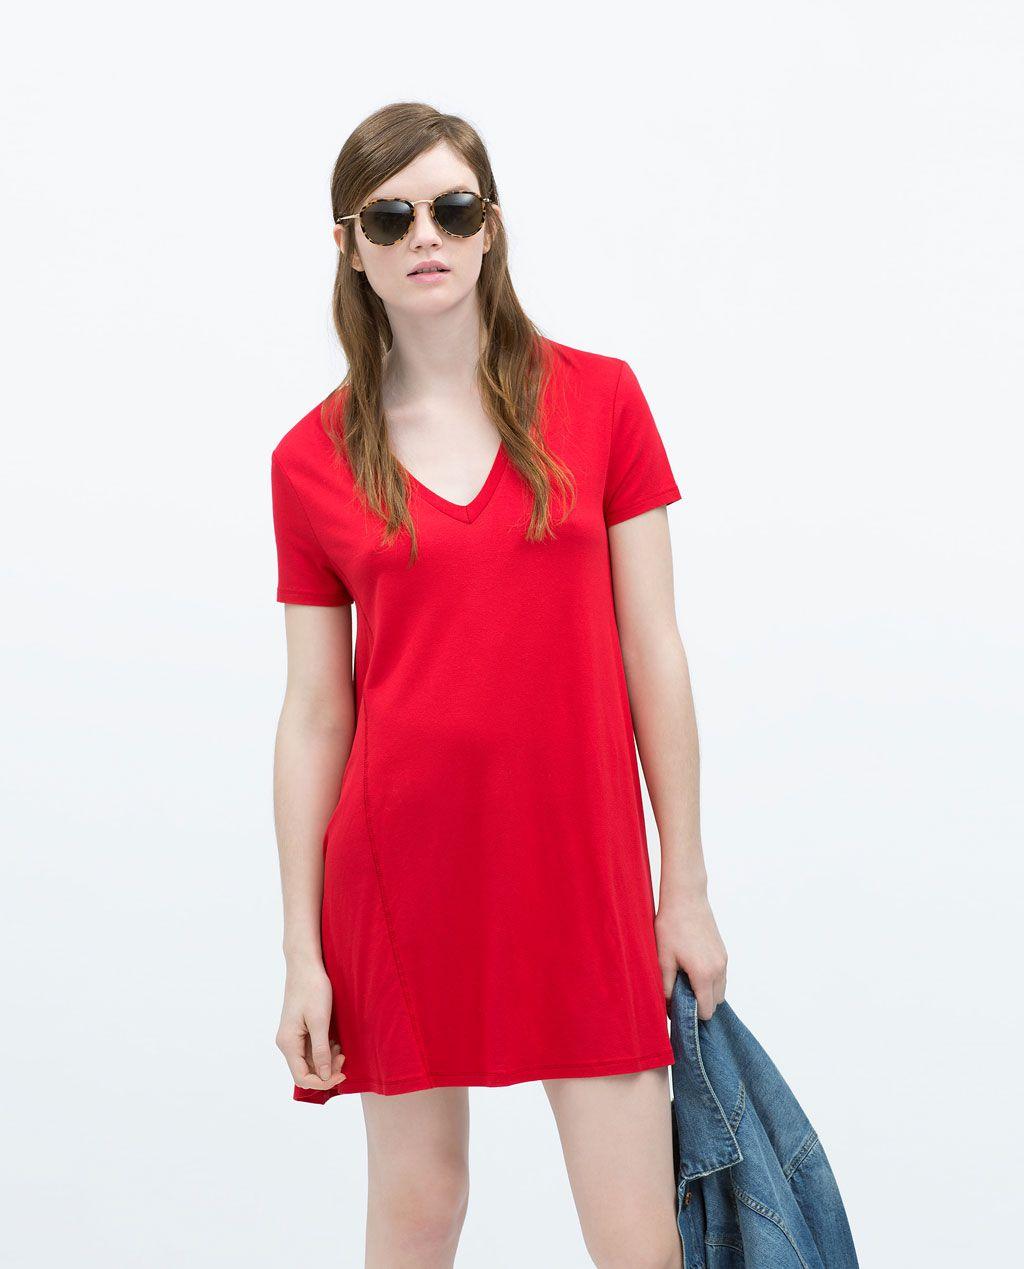 Zara woman oversize dress look ium a girl pinterest